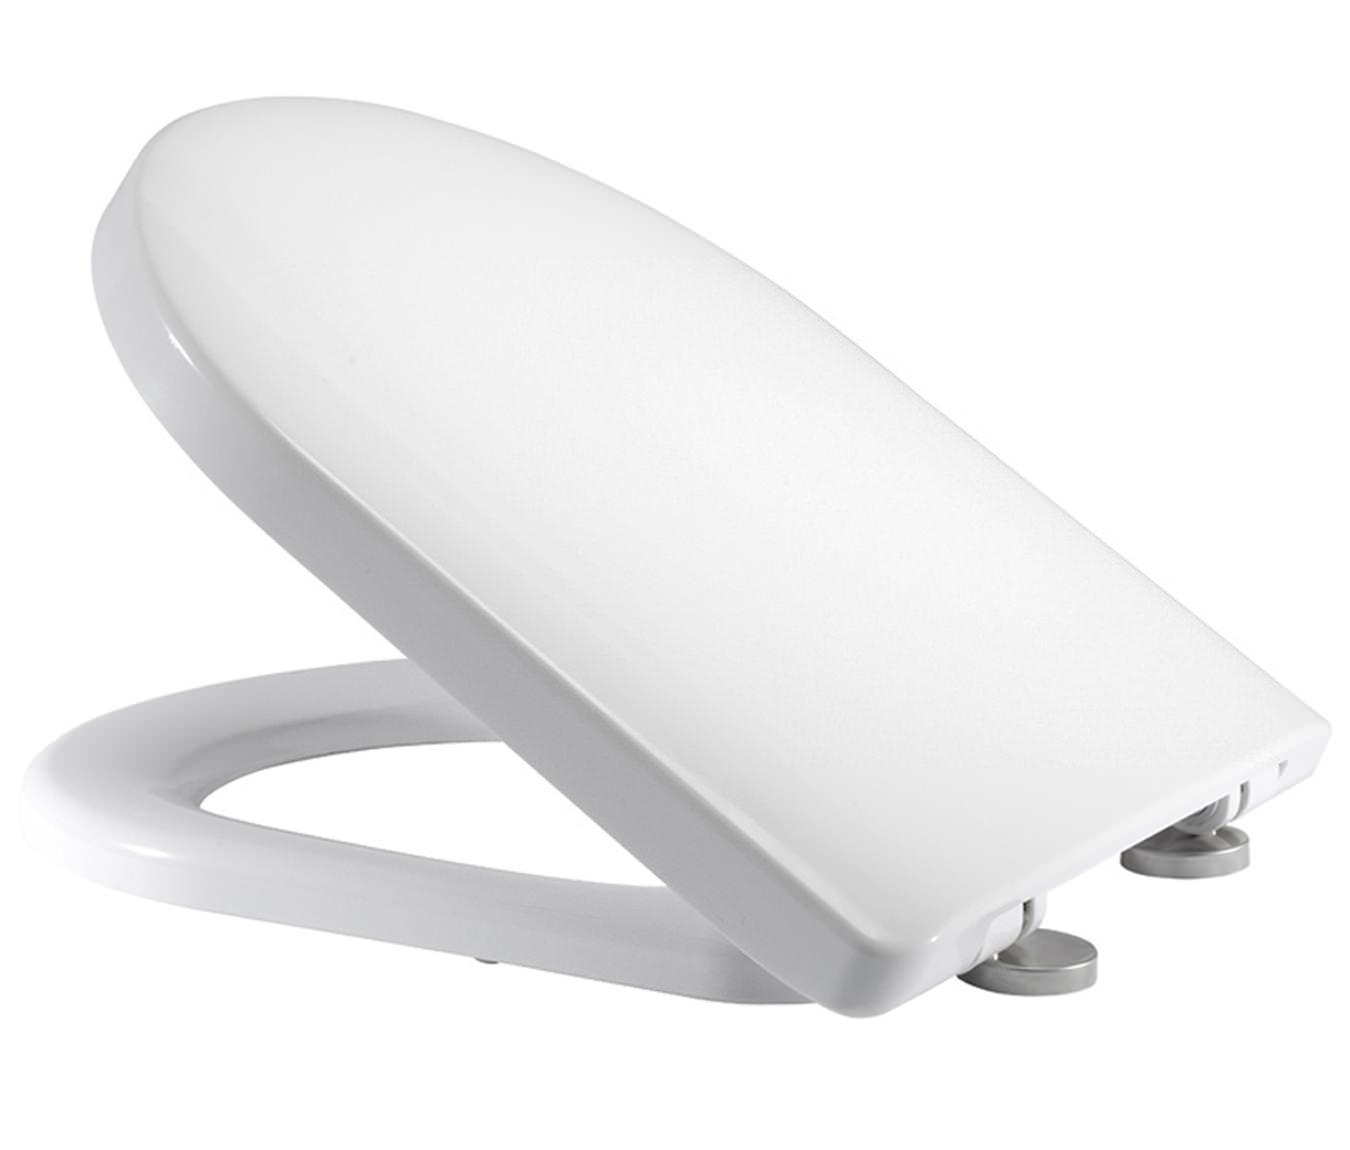 Excellent Roper Rhodes Define Soft Closing Toilet Seat White 8704Wsc Machost Co Dining Chair Design Ideas Machostcouk